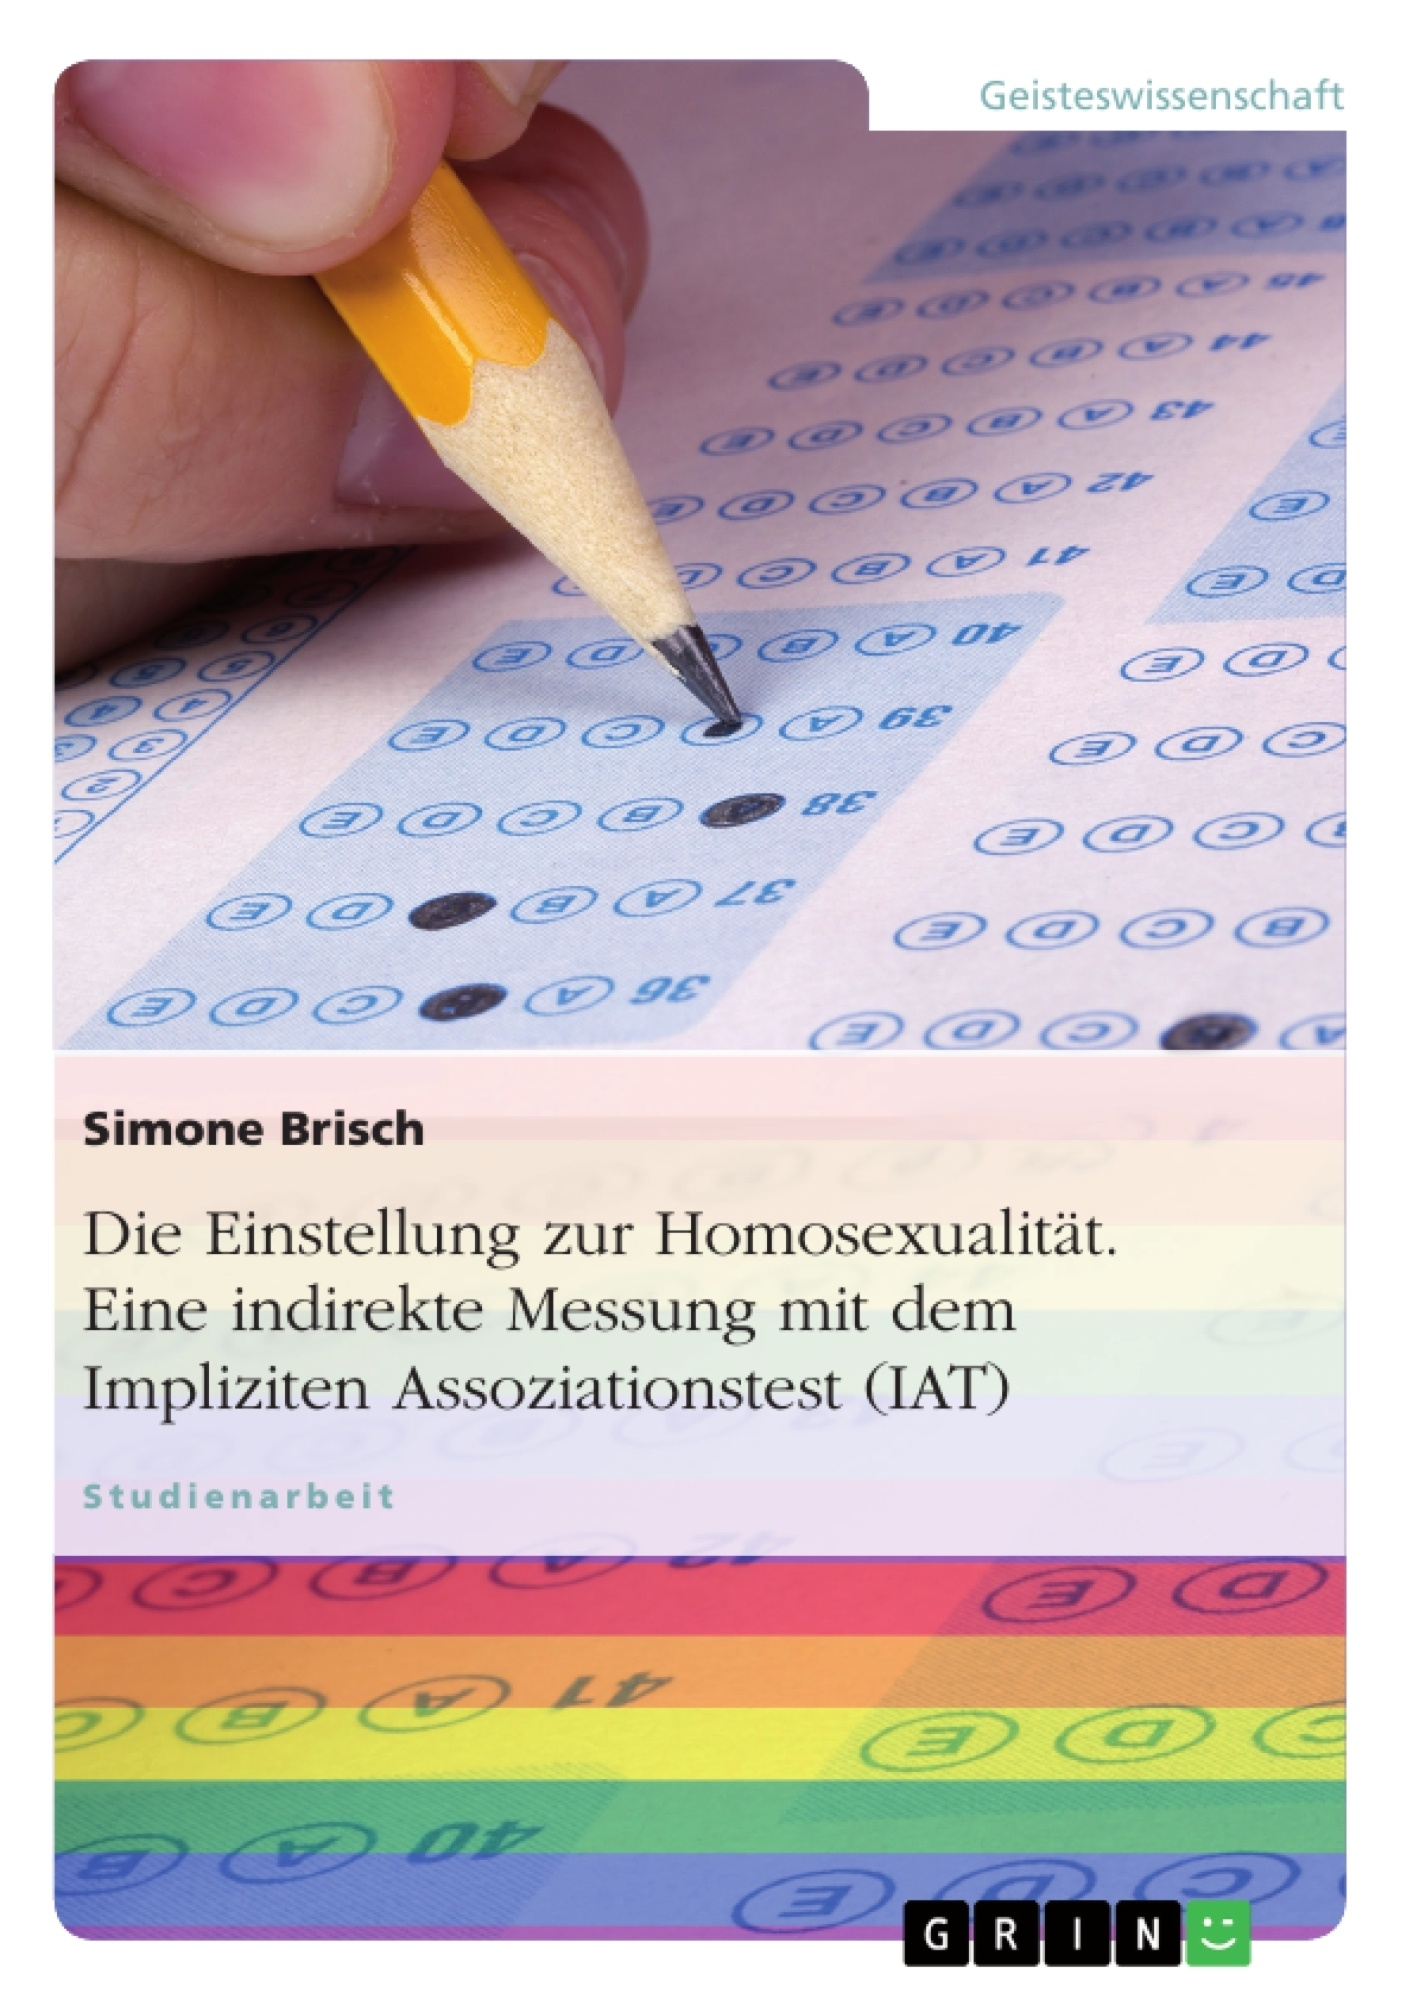 Titel: Die Einstellung zur Homosexualität. Eine indirekte Messung mit dem Impliziten Assoziationstest (IAT)